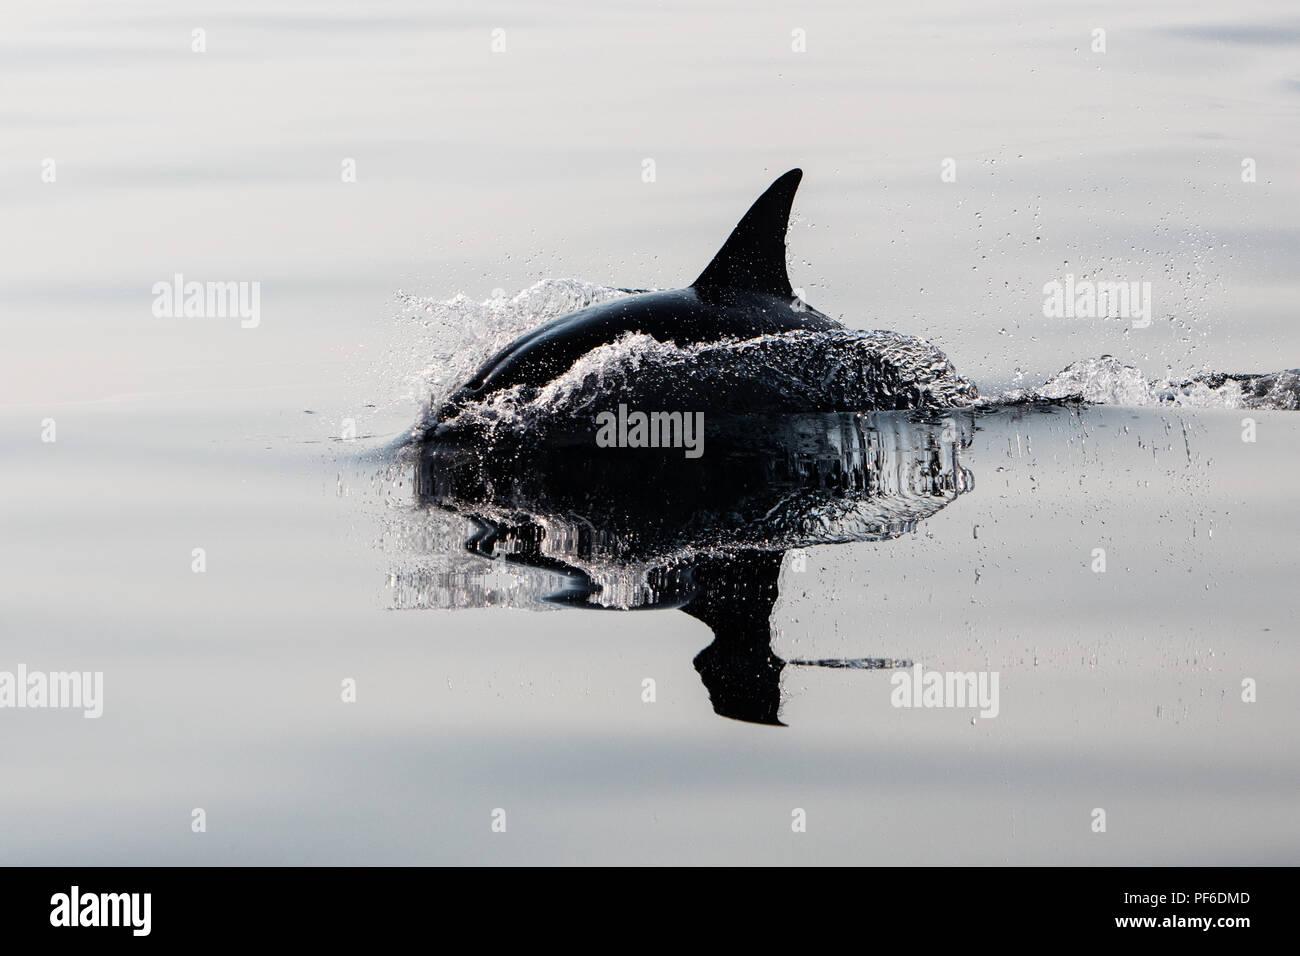 Una rápida y ágil Short-Beaked, delfín común Delphinus delphis, nadar en el océano Atlántico norte fuera de Cape Cod, Massachusetts. Imagen De Stock